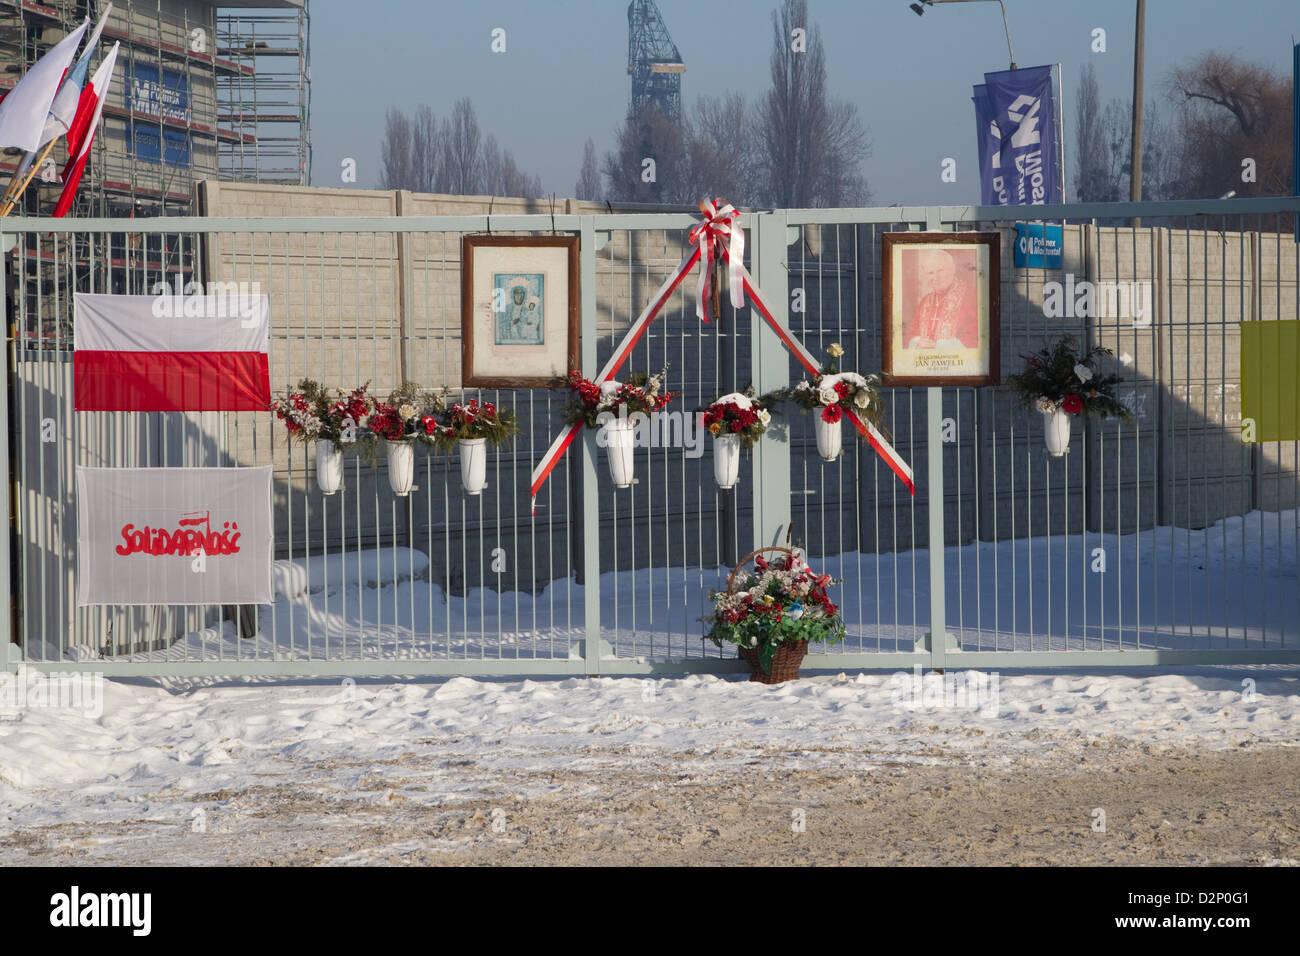 Porte di accesso al Cantiere di Danzica il birrthplace di solidarietà Immagini Stock